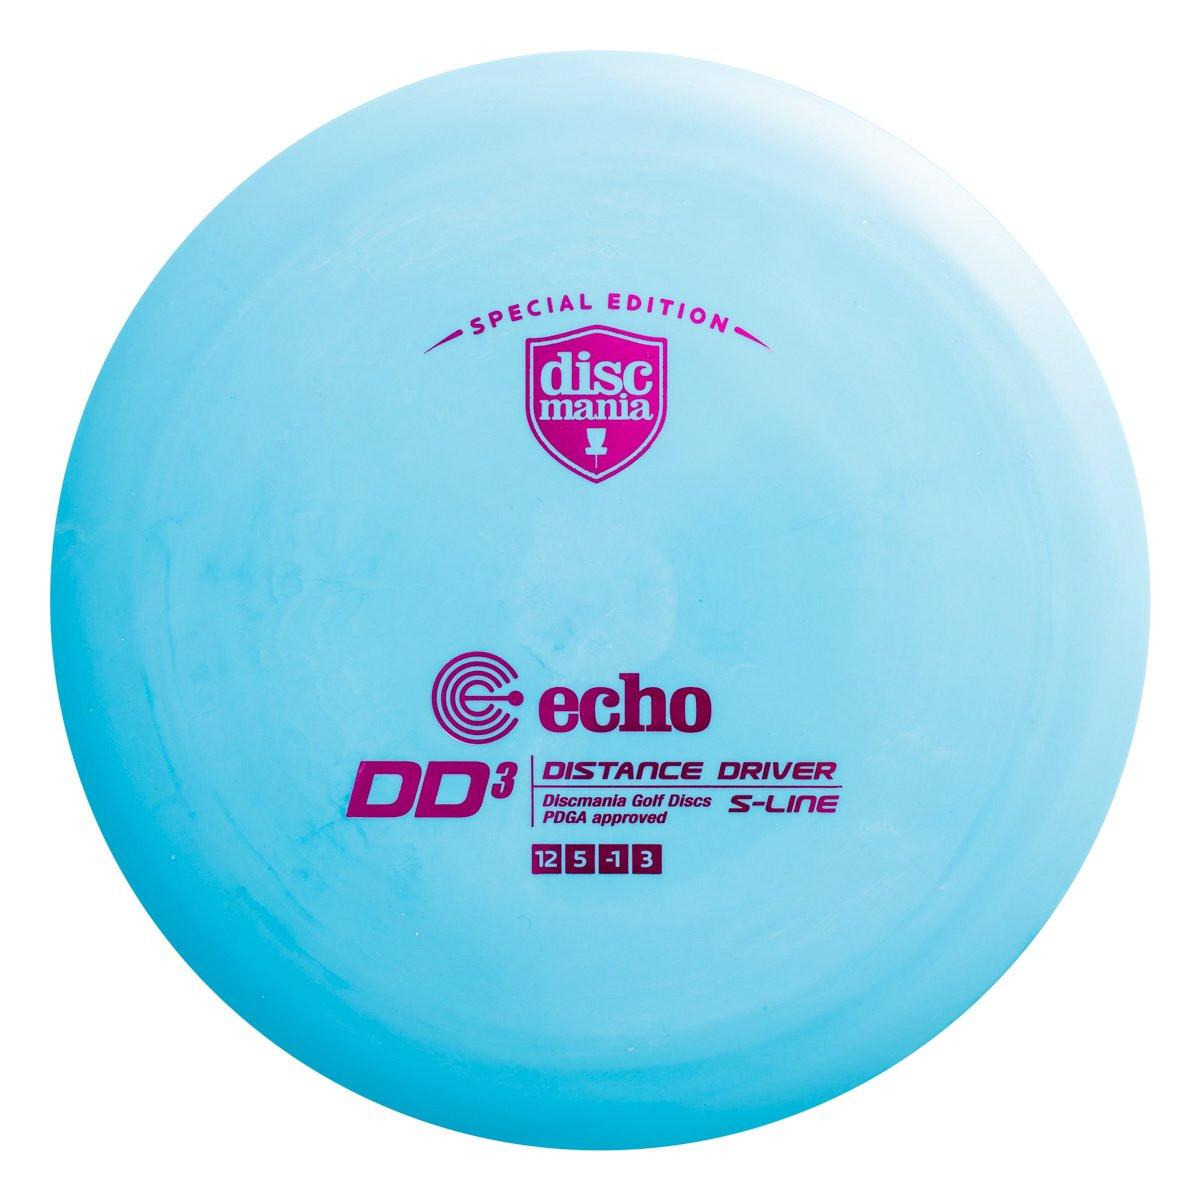 Discmania Special Edition Echo S-Line DD3